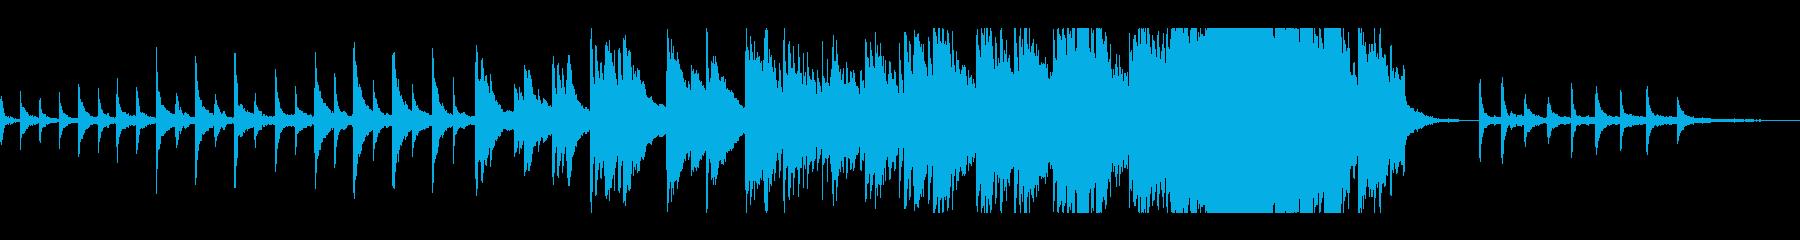 ドキュメンタリーや映画など映像系ピアノ曲の再生済みの波形